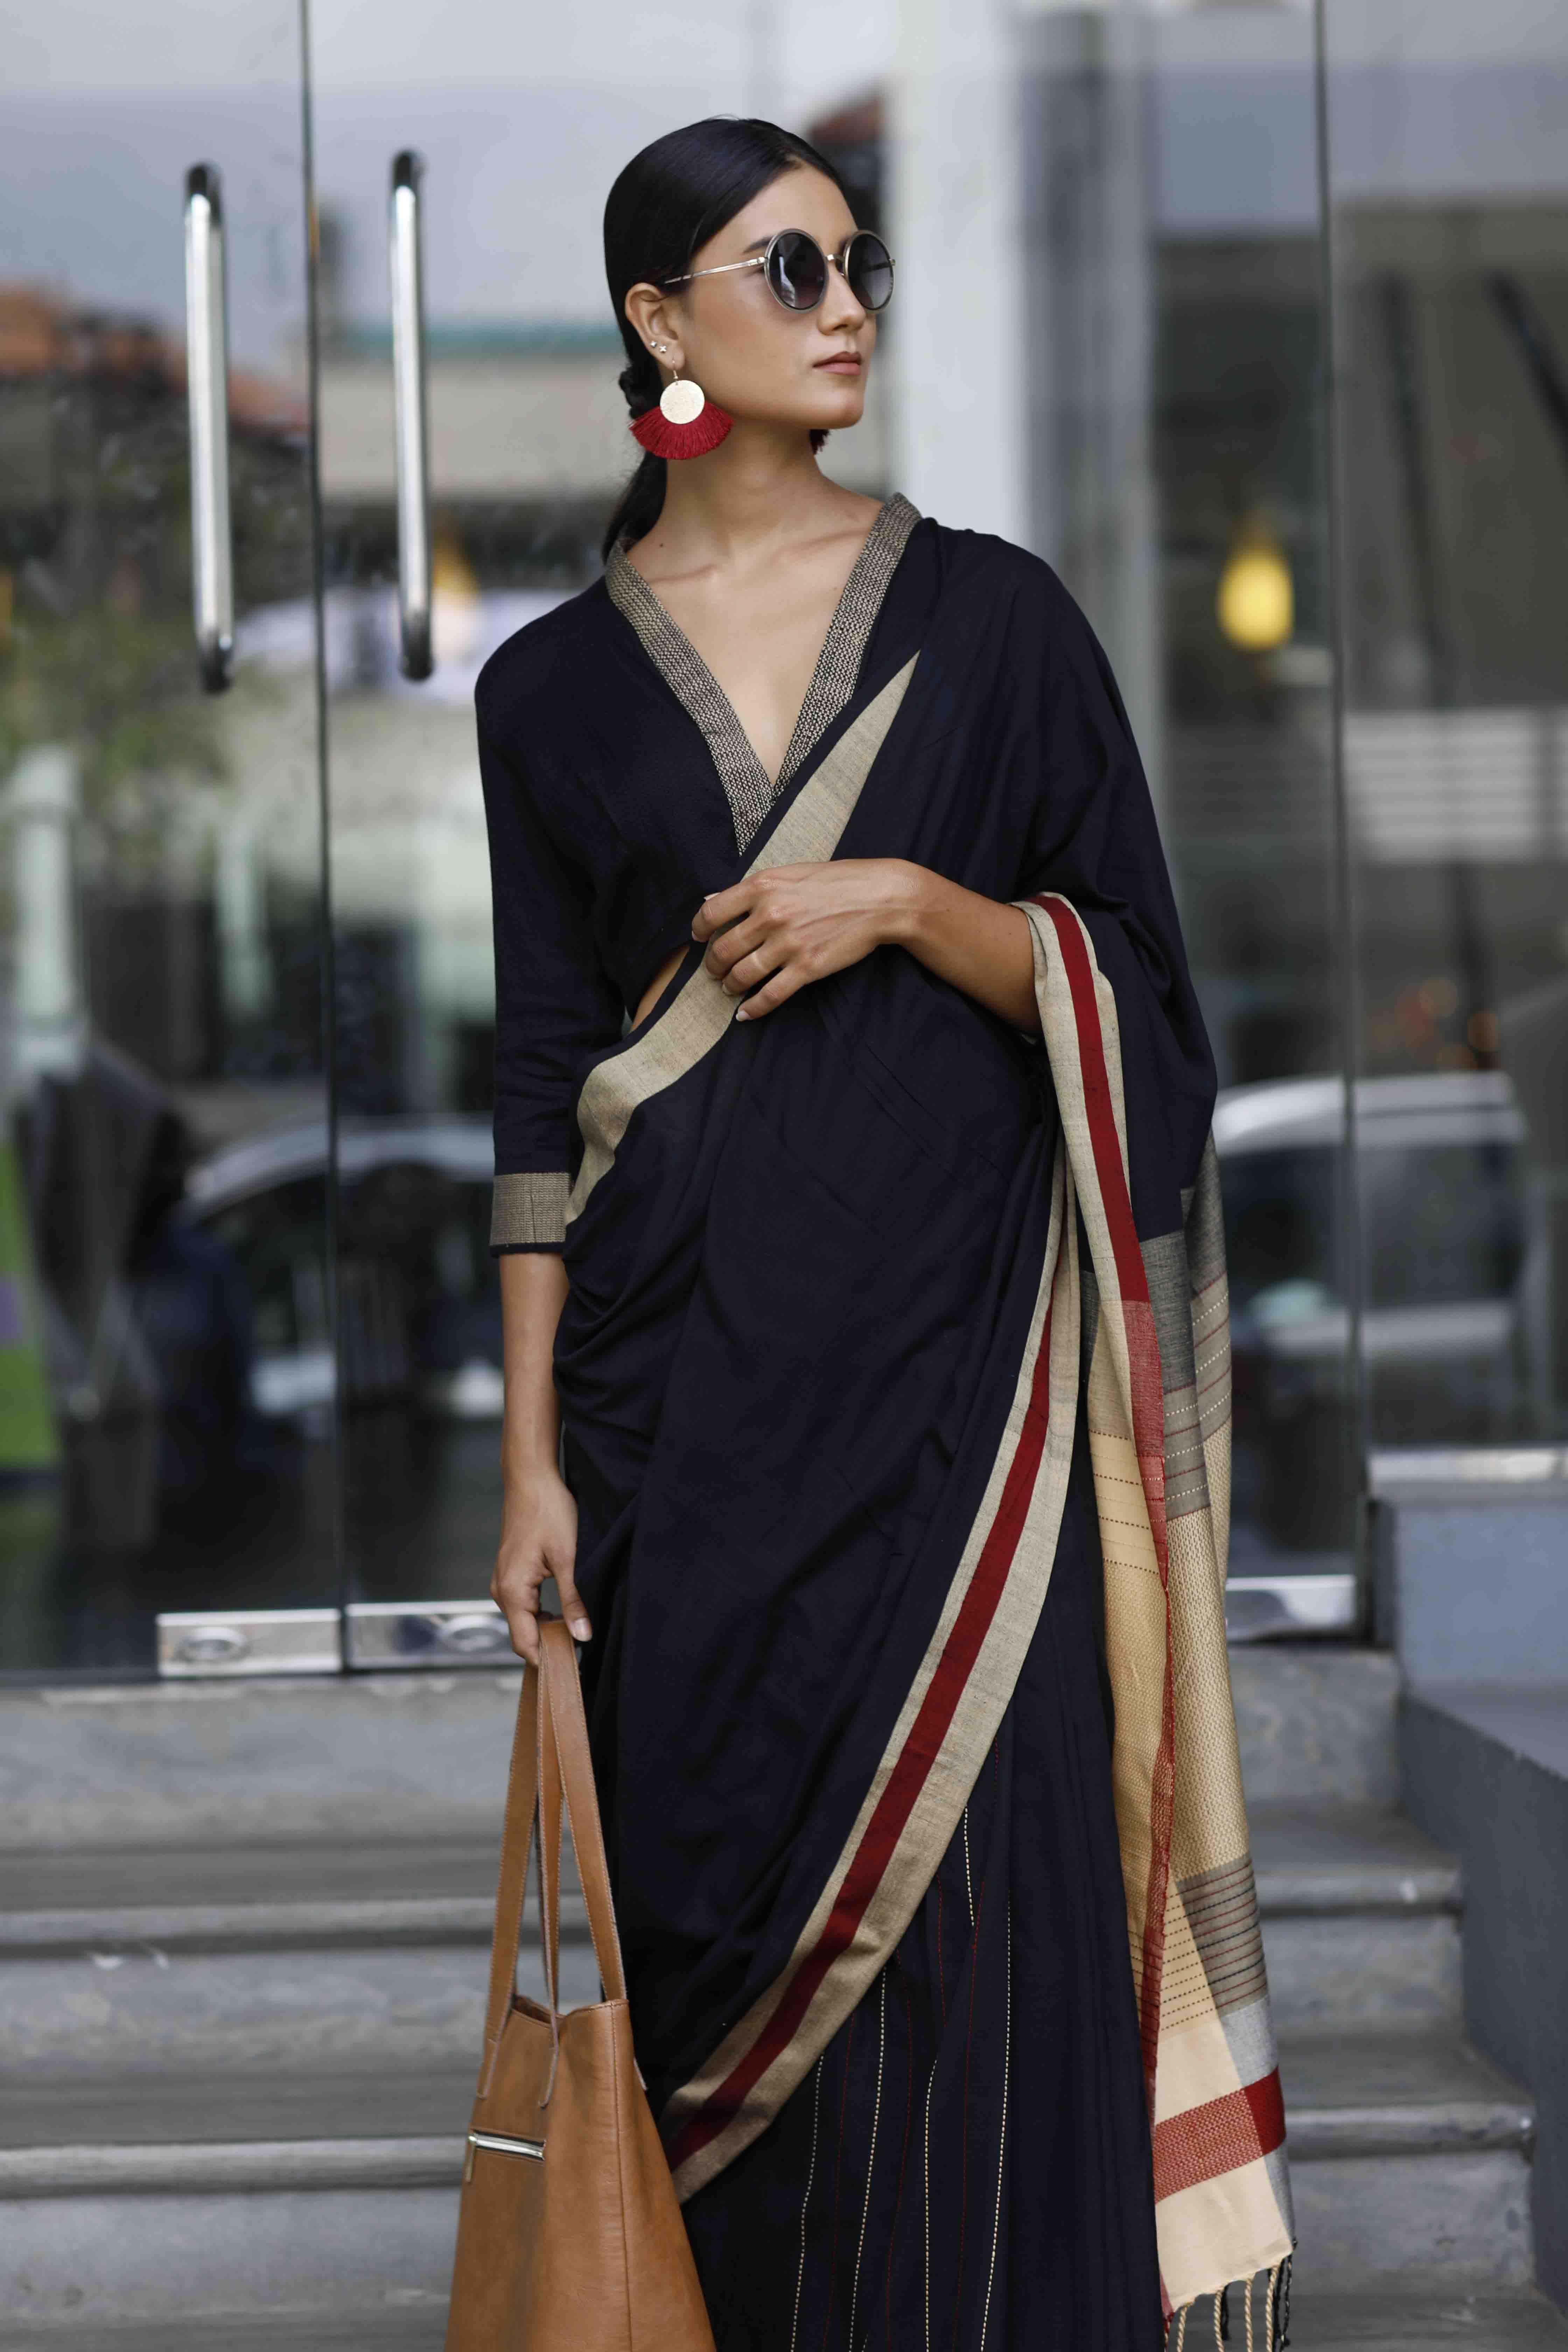 Work Wear Hand Woven Handloom Saree Drape Design Blouse Designs Indian Fashion Blouse Designs